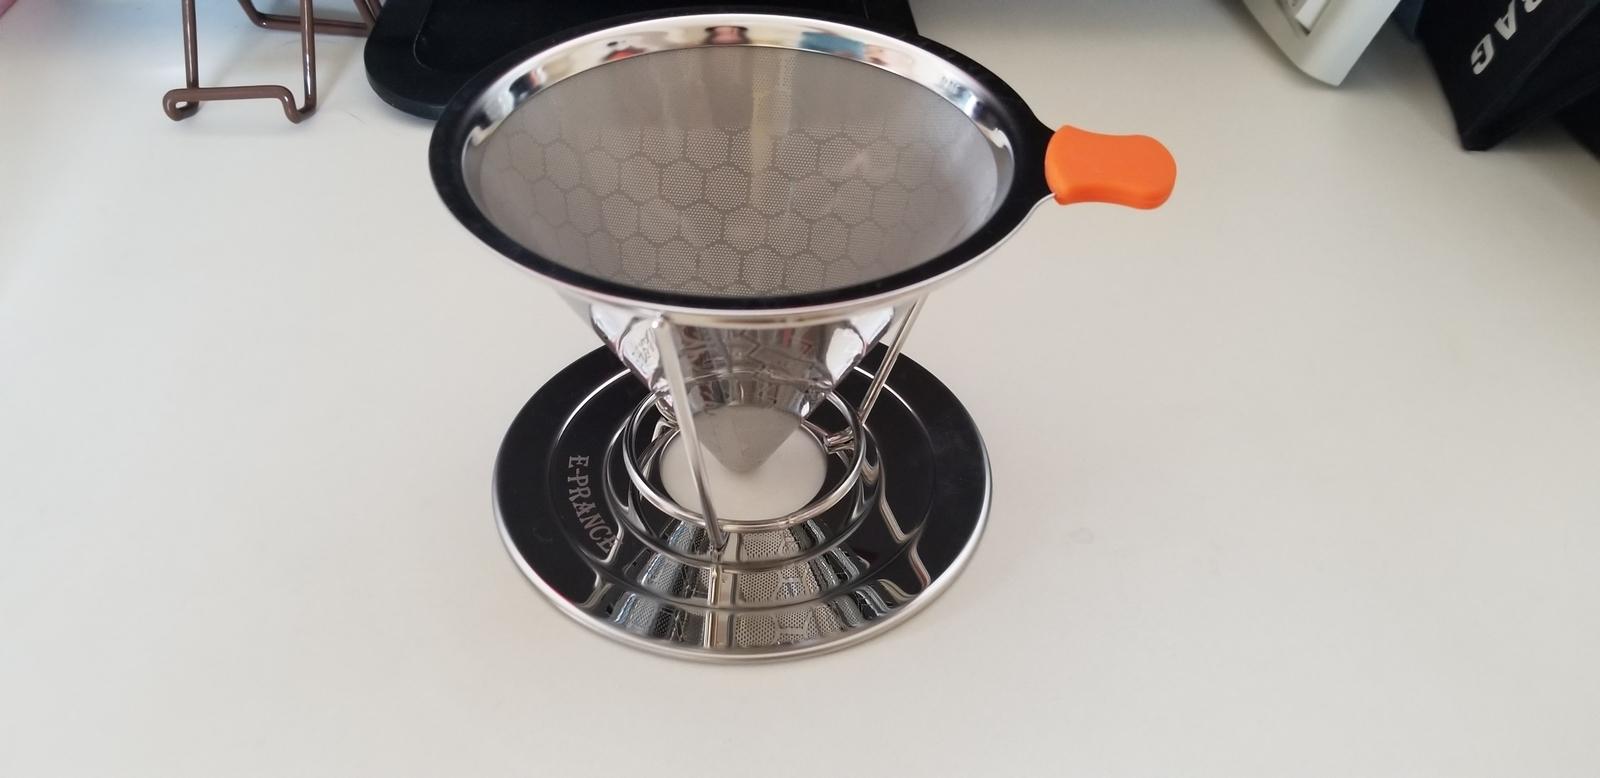 E-PRANCE コーヒードリッパー ステンレスフィルター 蜂窩状 2層メッシュ ペーパーフィルター不要 1~4杯用 (シルバー)